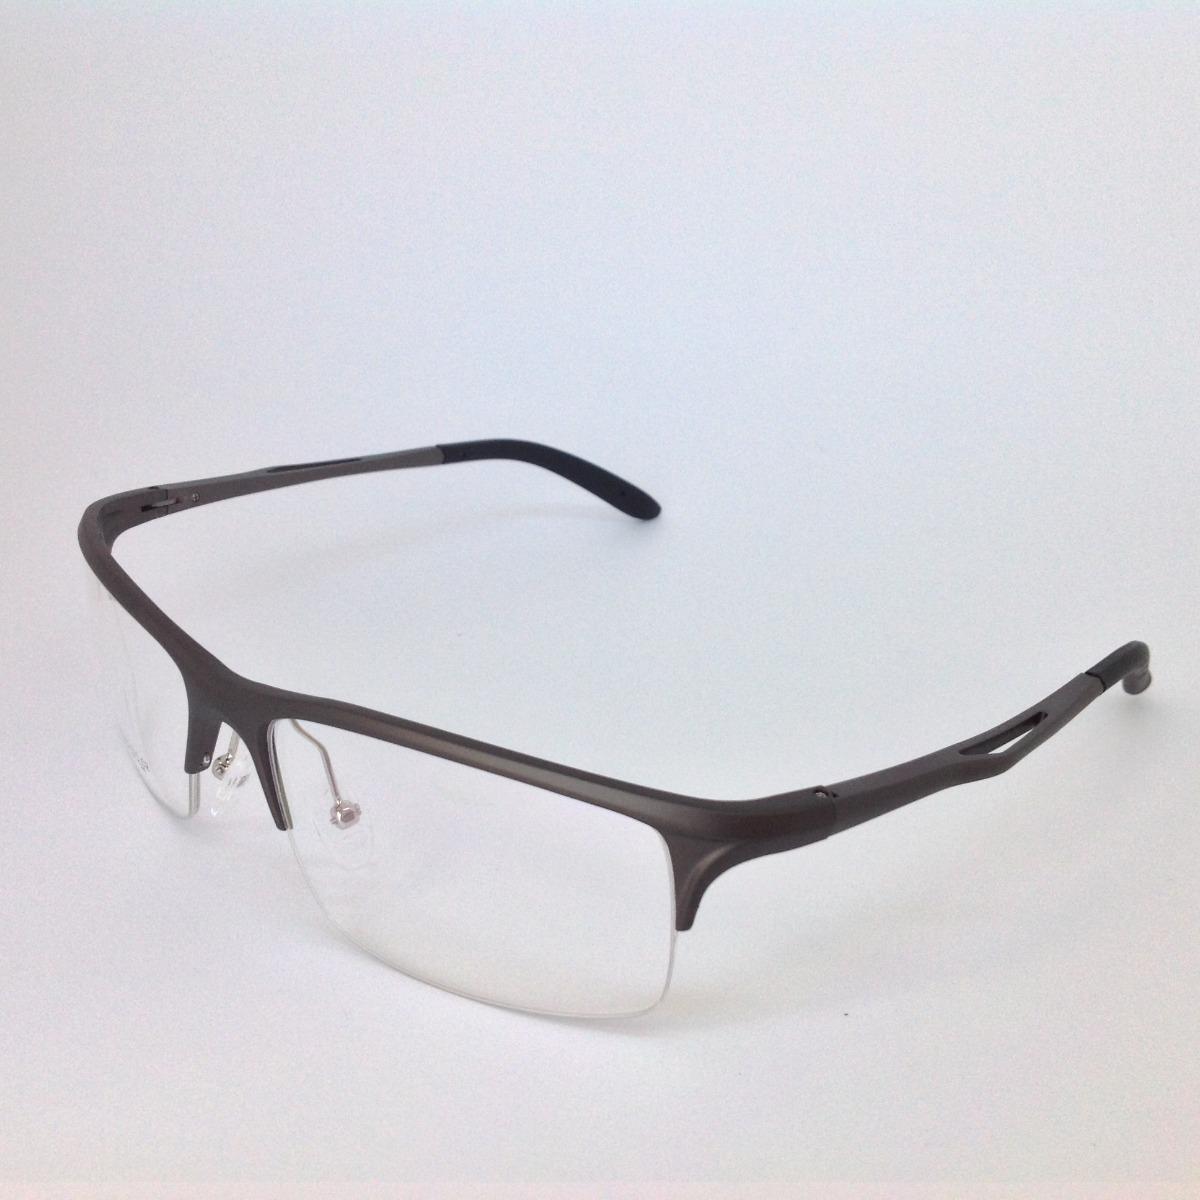 armação óculos grau masculino sport metal alumínio grafite. Carregando zoom. d3777aa2c1